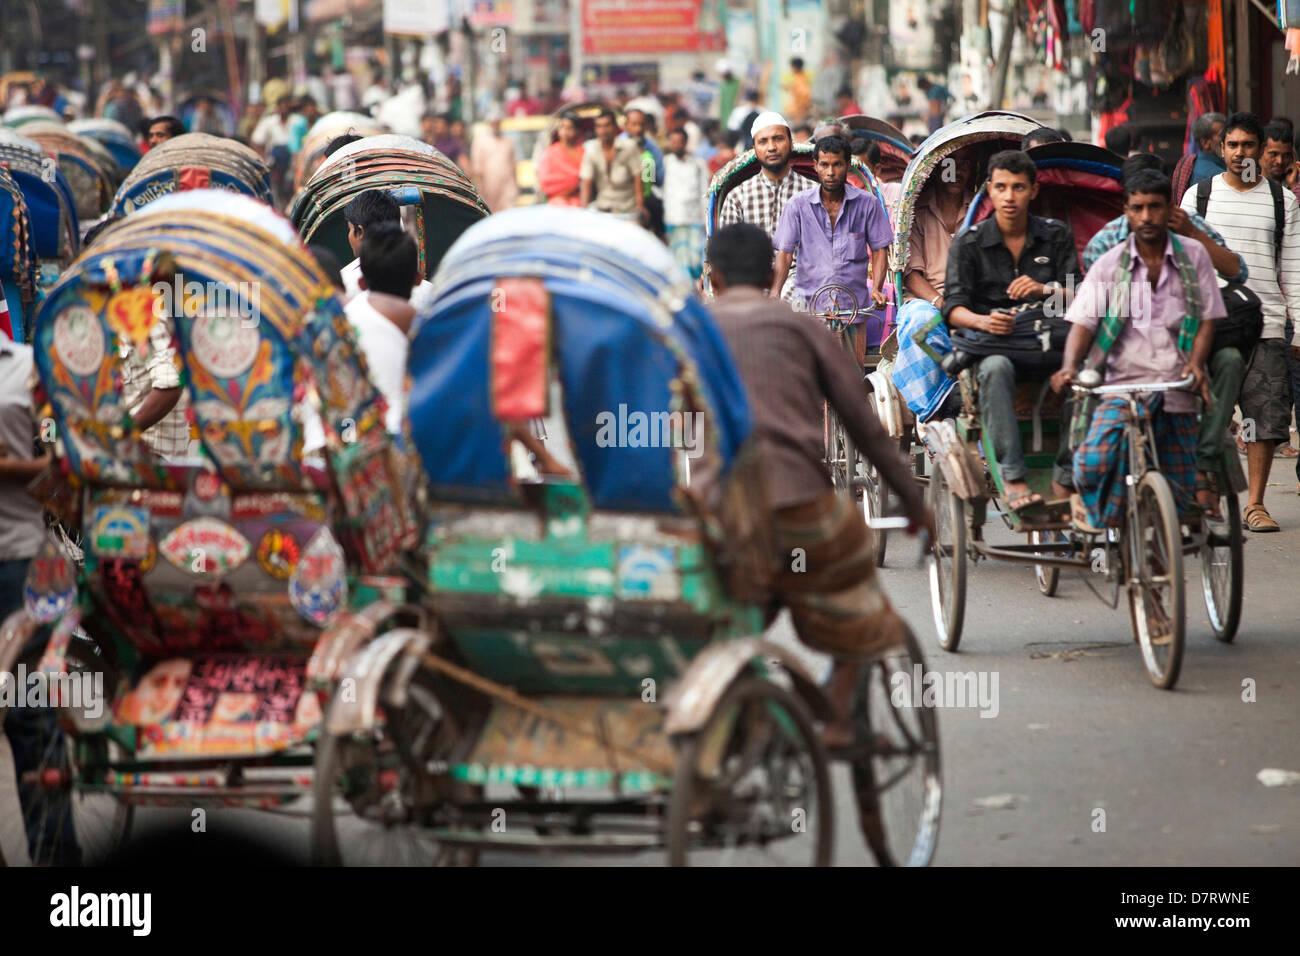 Rickshaws in heavy traffic in Dhaka, Bangladesh - Stock Image